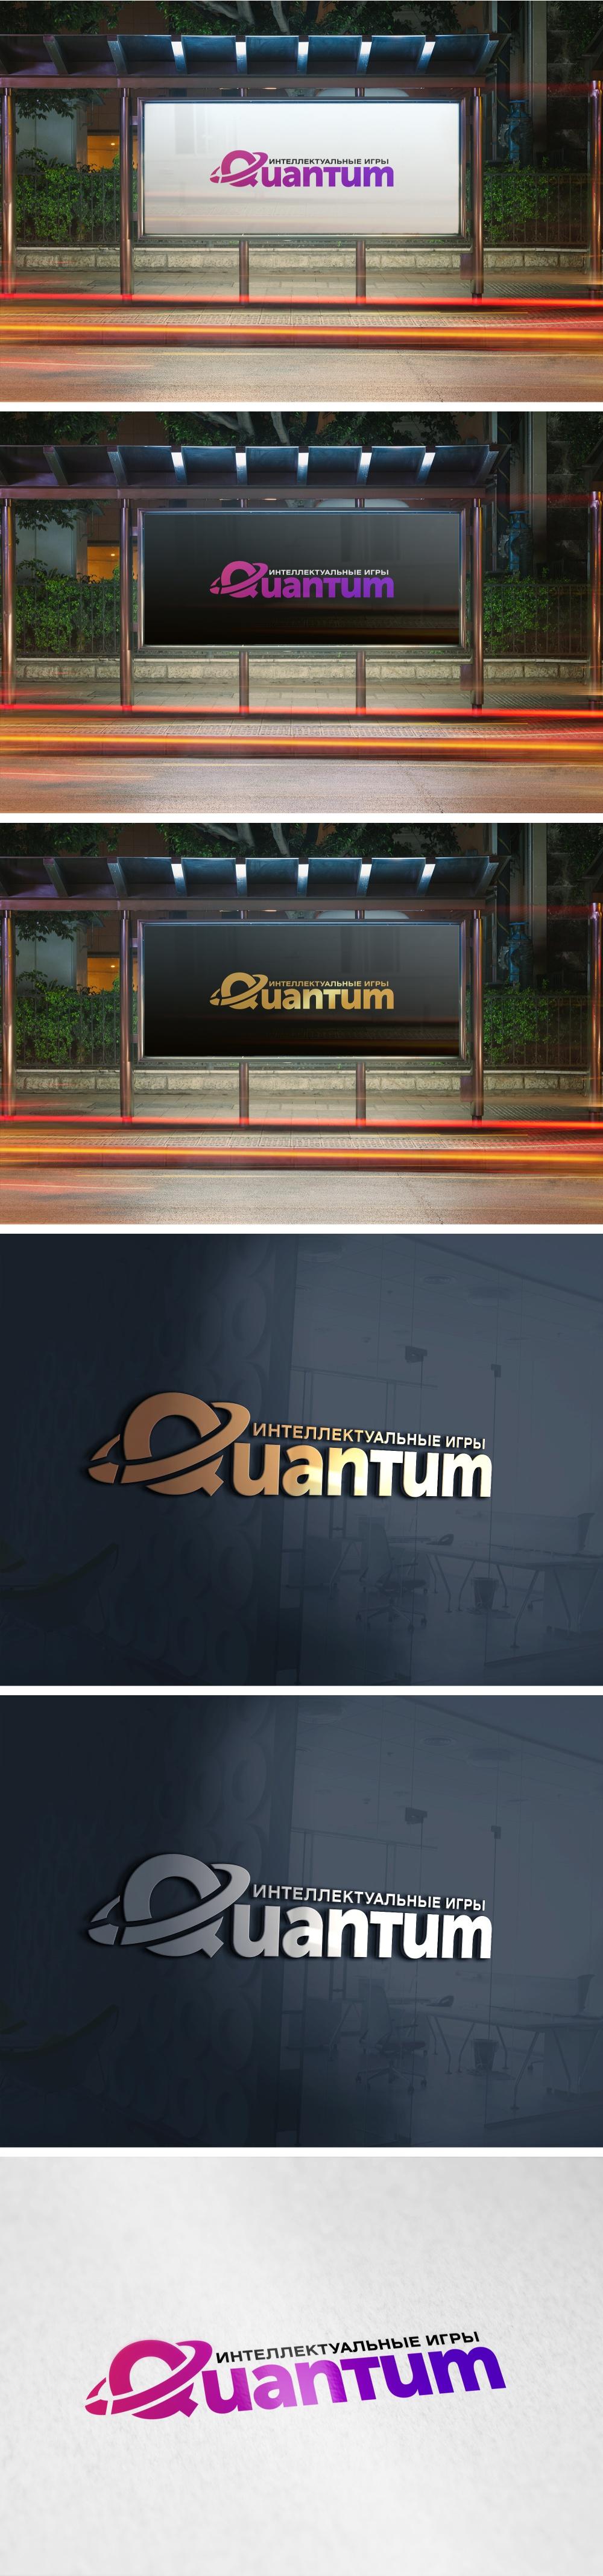 Редизайн логотипа бренда интеллектуальной игры фото f_7135bc0502547705.jpg